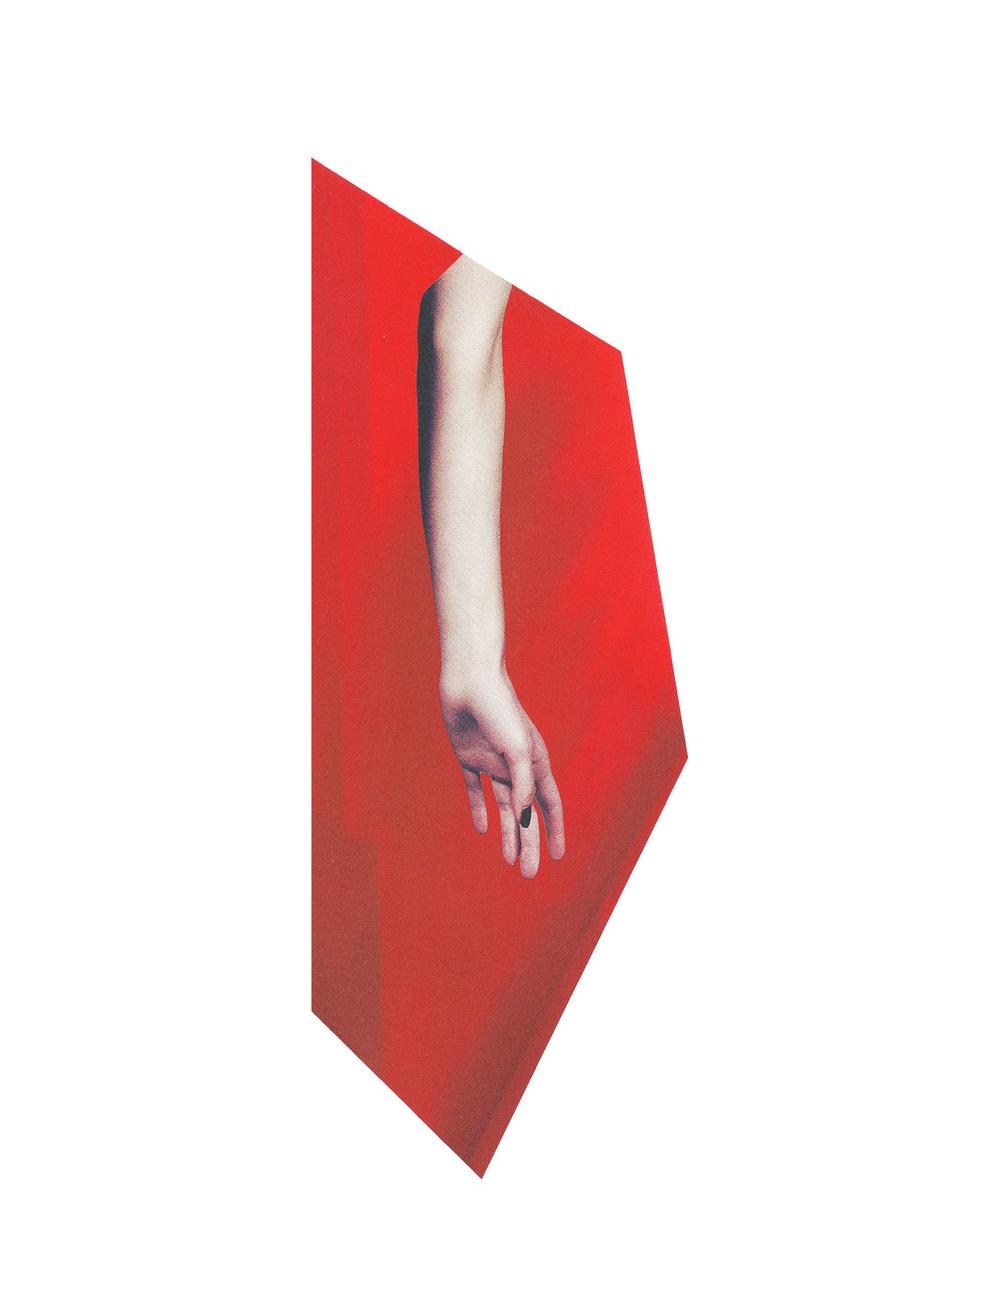 Red_LR.jpg